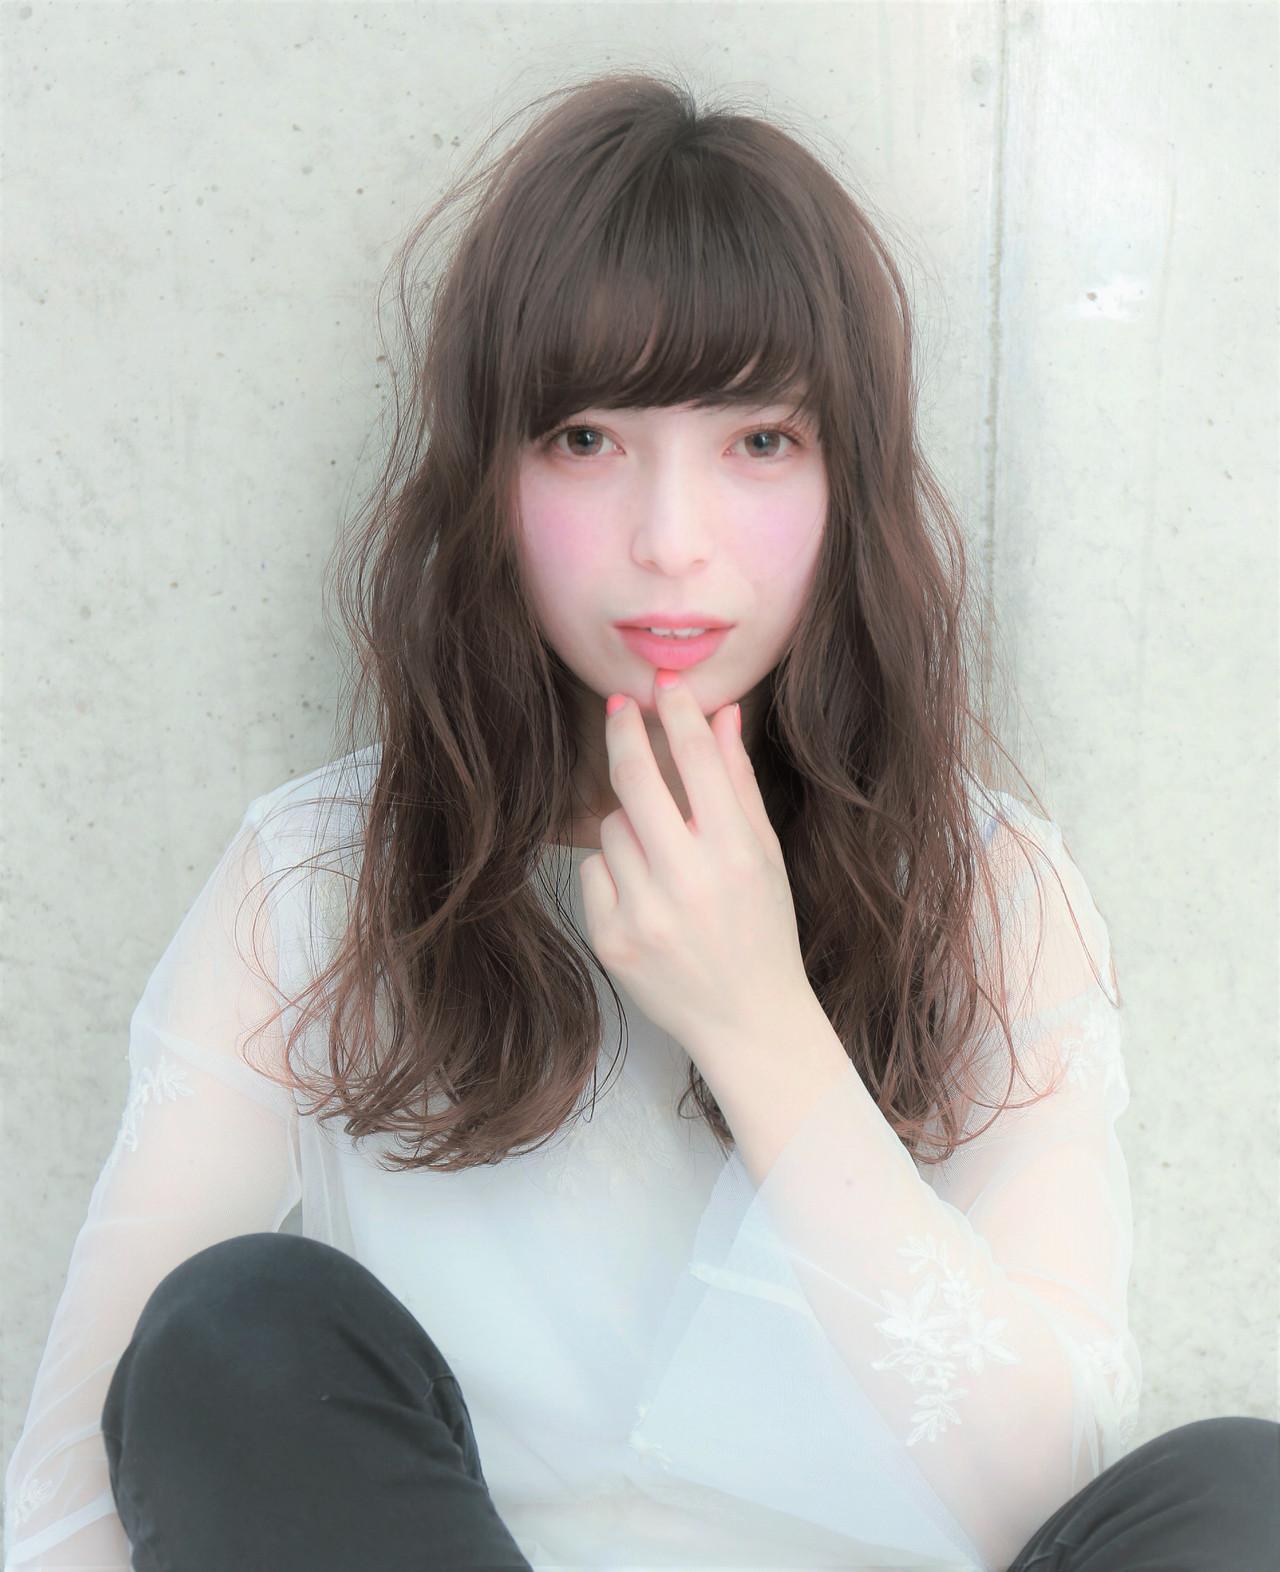 フェミニン ロング モテ髪 アンニュイほつれヘア ヘアスタイルや髪型の写真・画像